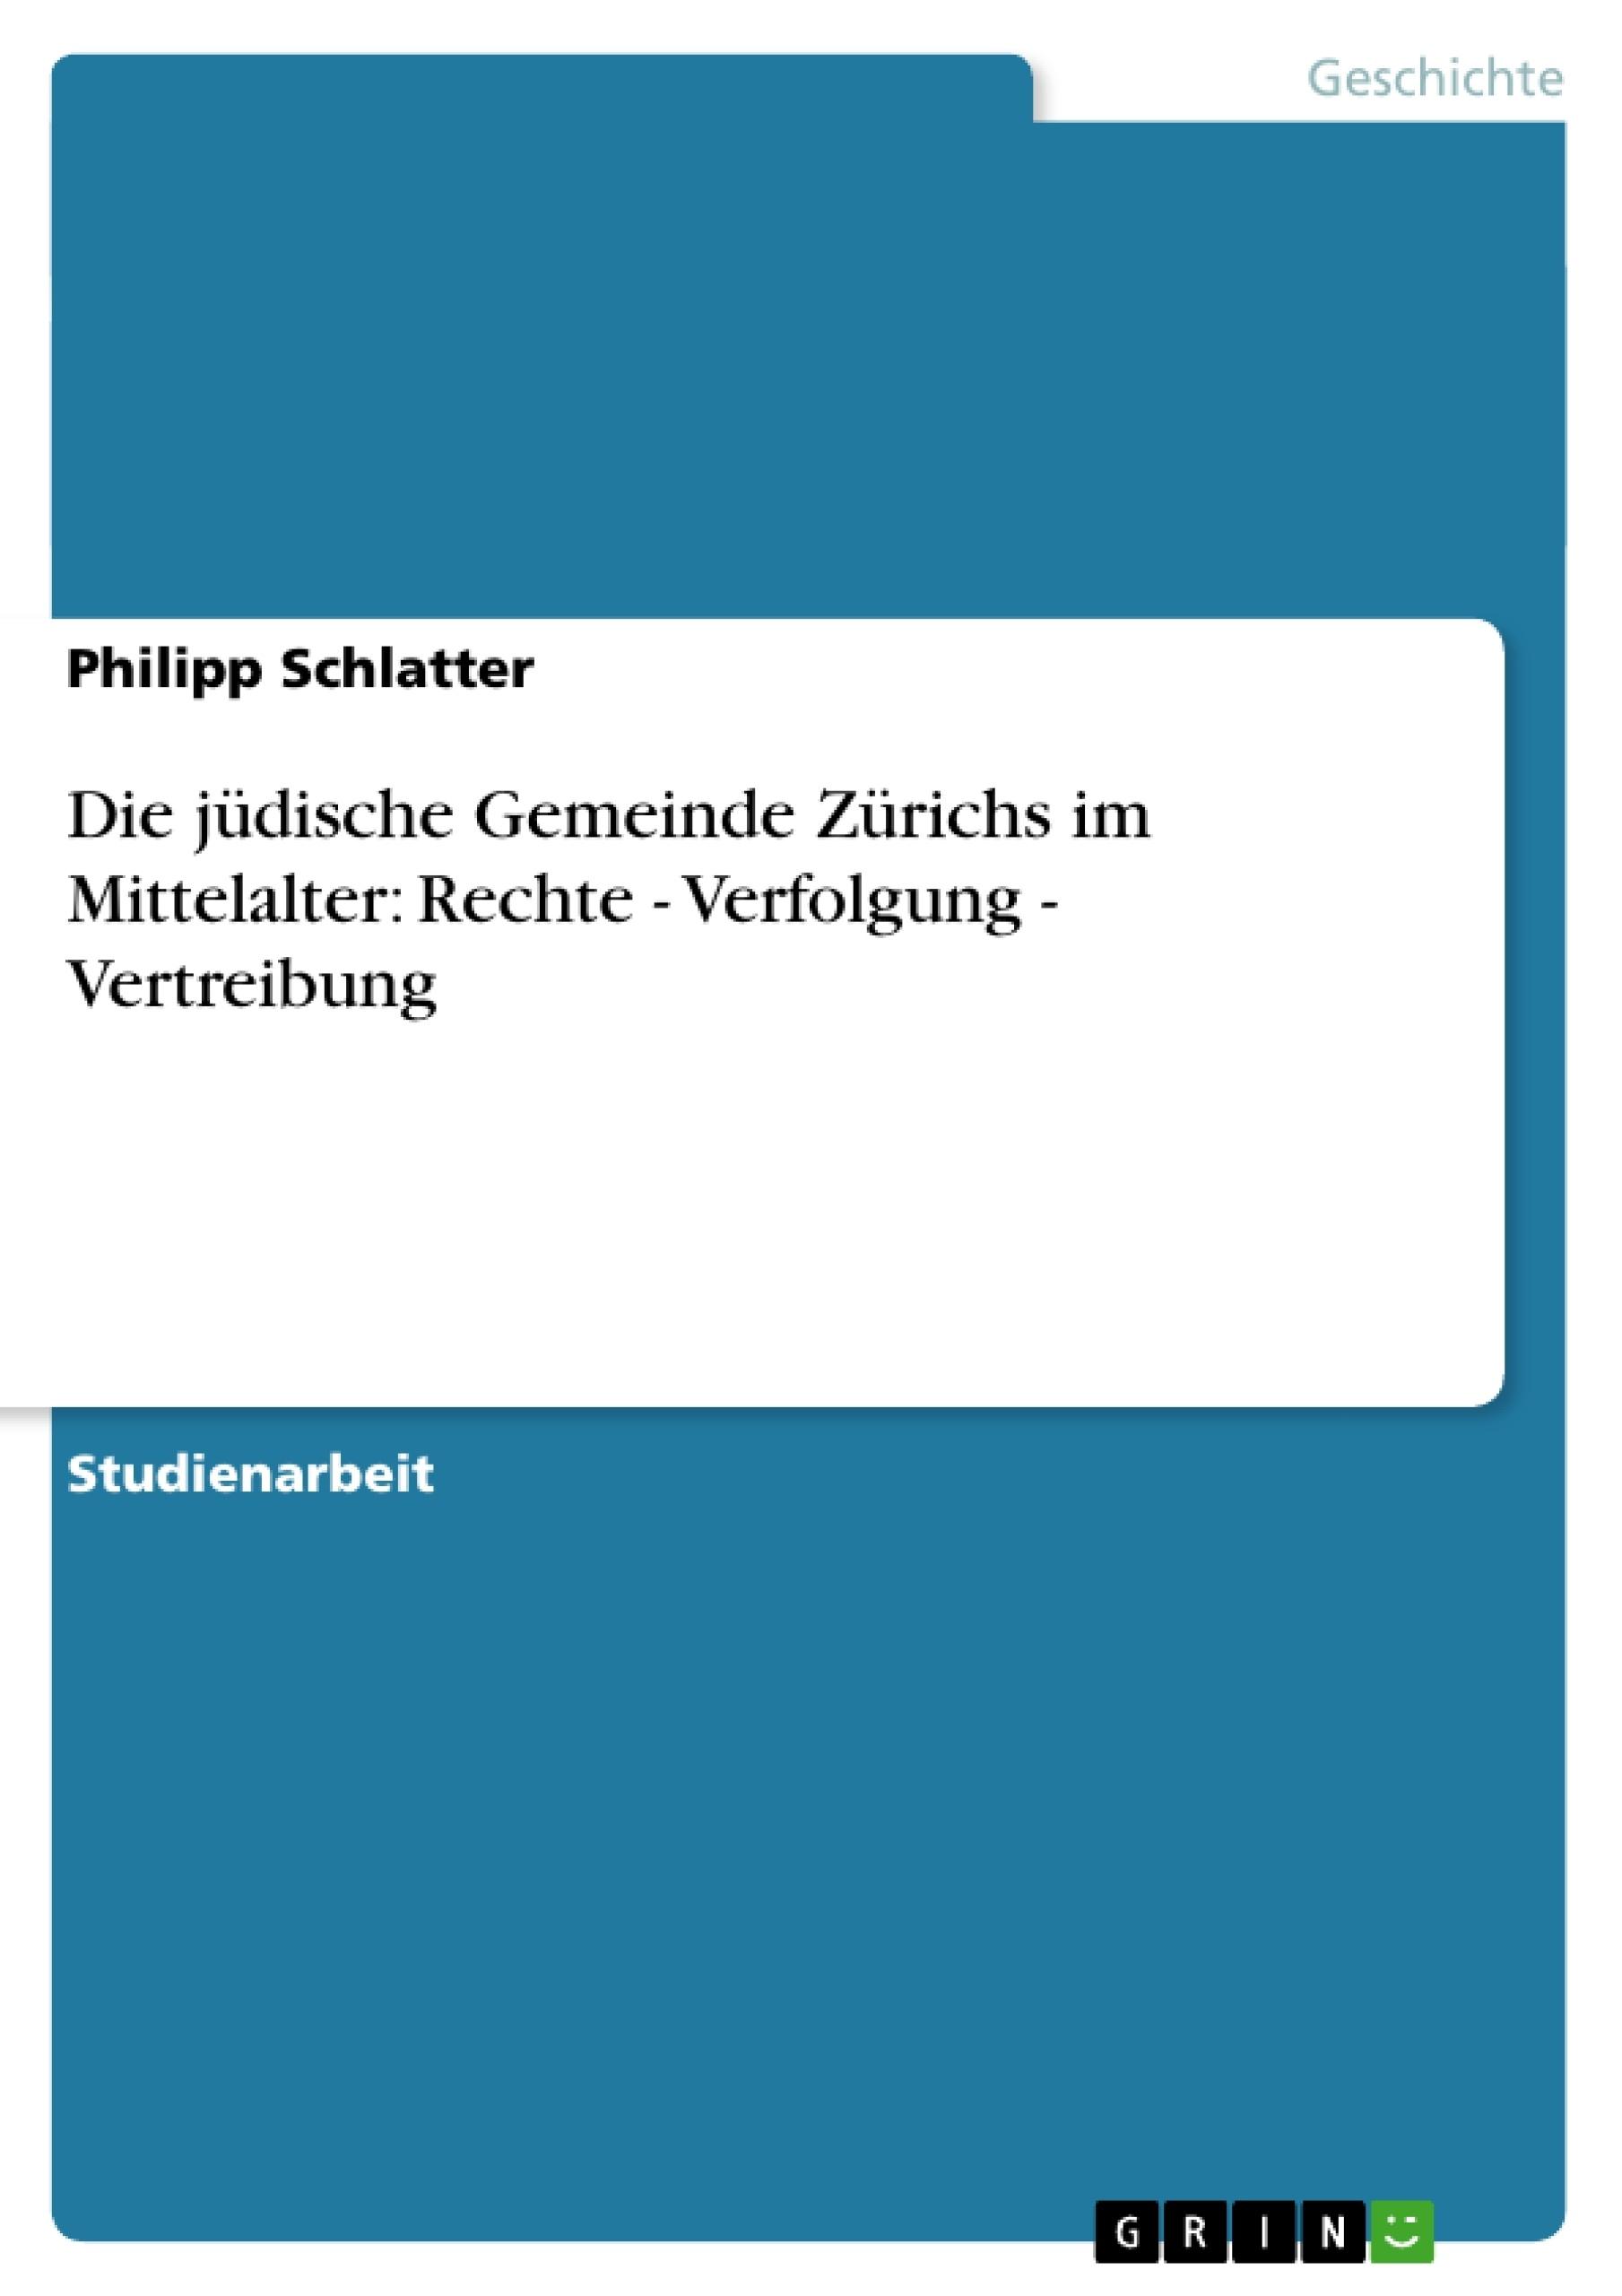 Titel: Die jüdische Gemeinde Zürichs im Mittelalter: Rechte - Verfolgung - Vertreibung